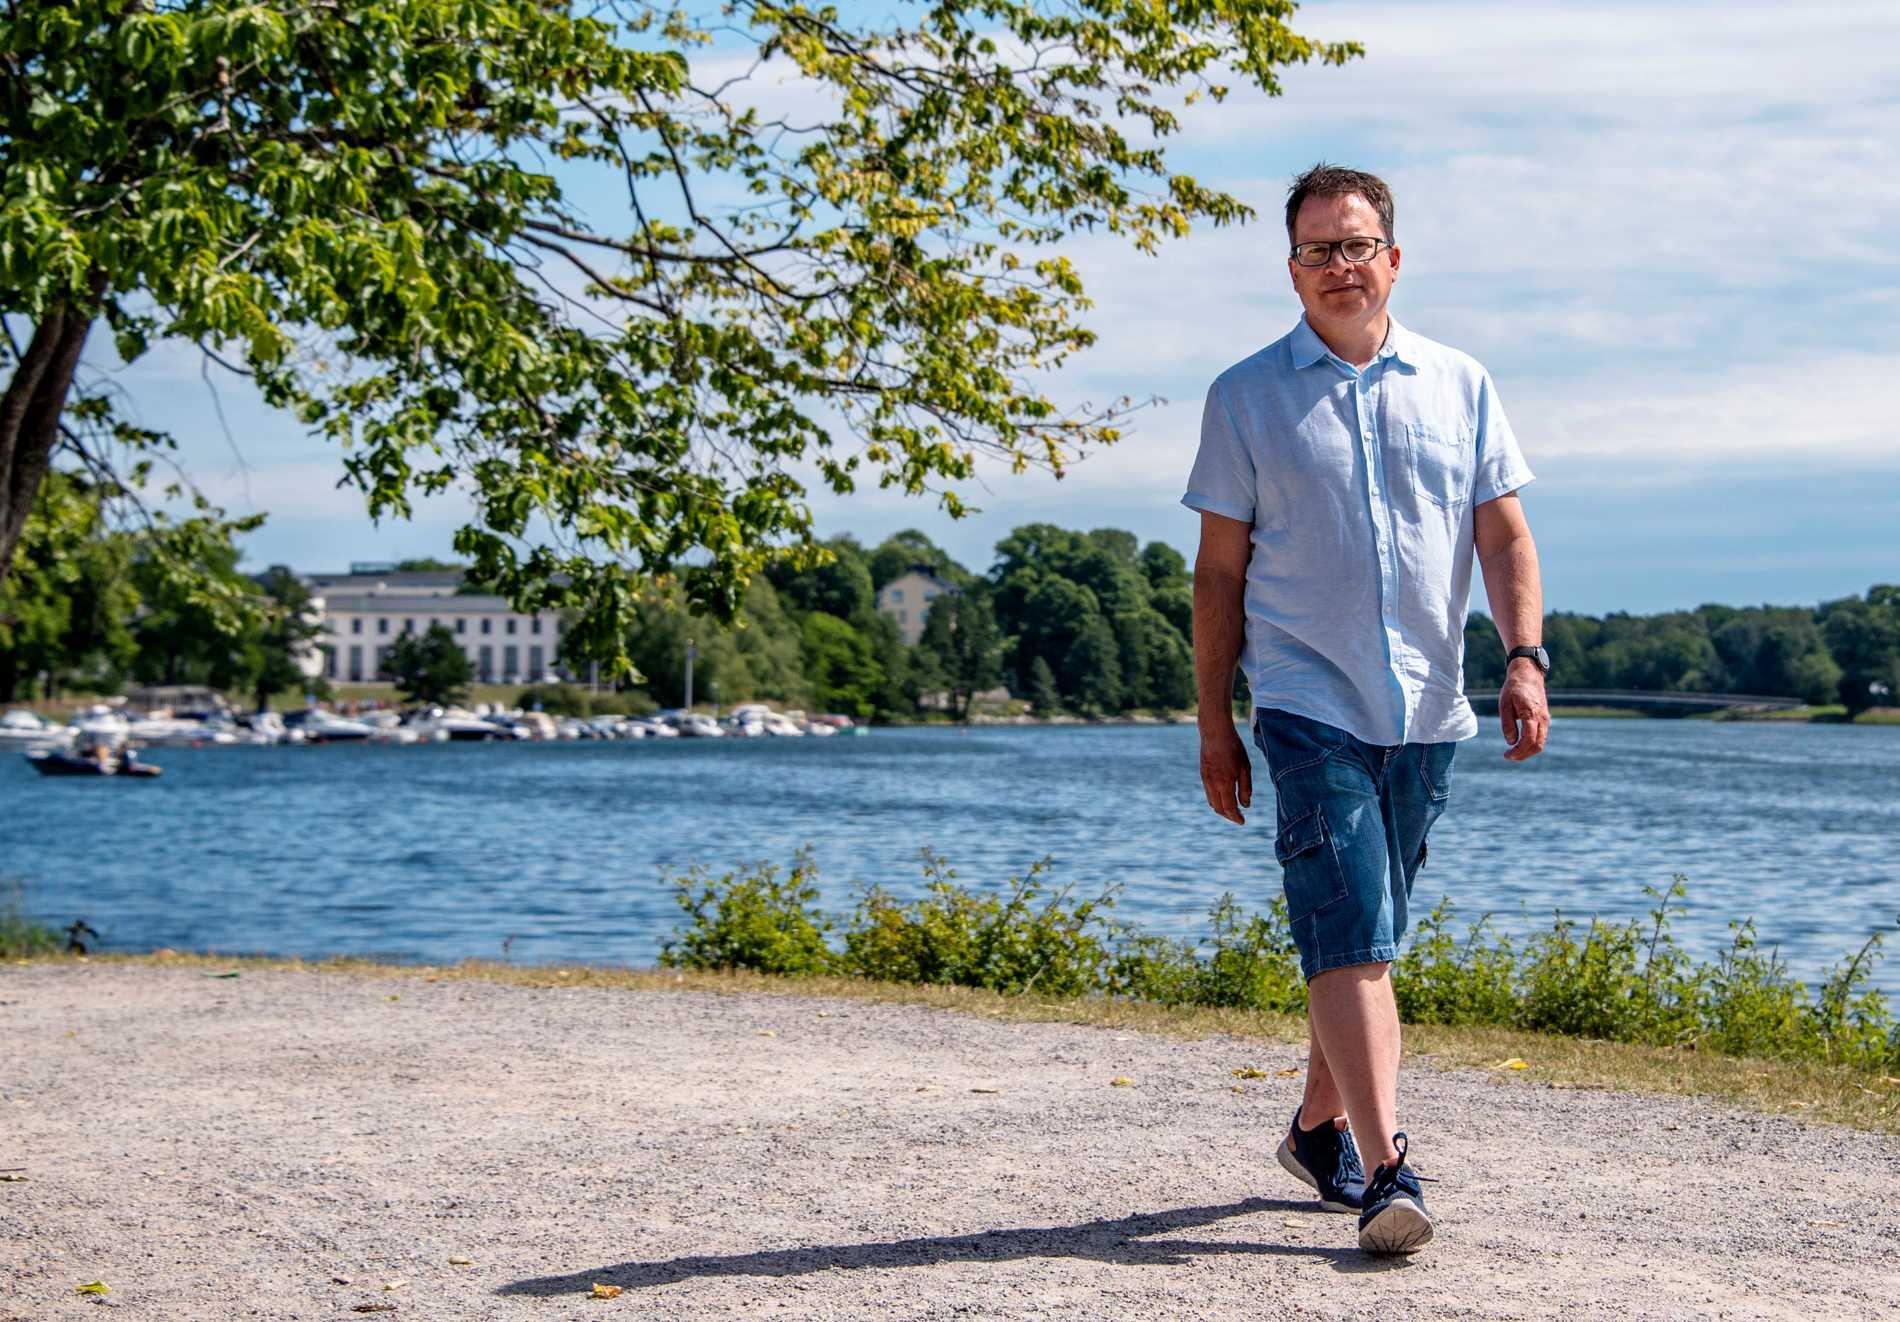 Peter Sjölund älskar att promenera i naturen, och att dansa. Men någon dans har det inte blivit den senaste tiden - på grund av pandemin.